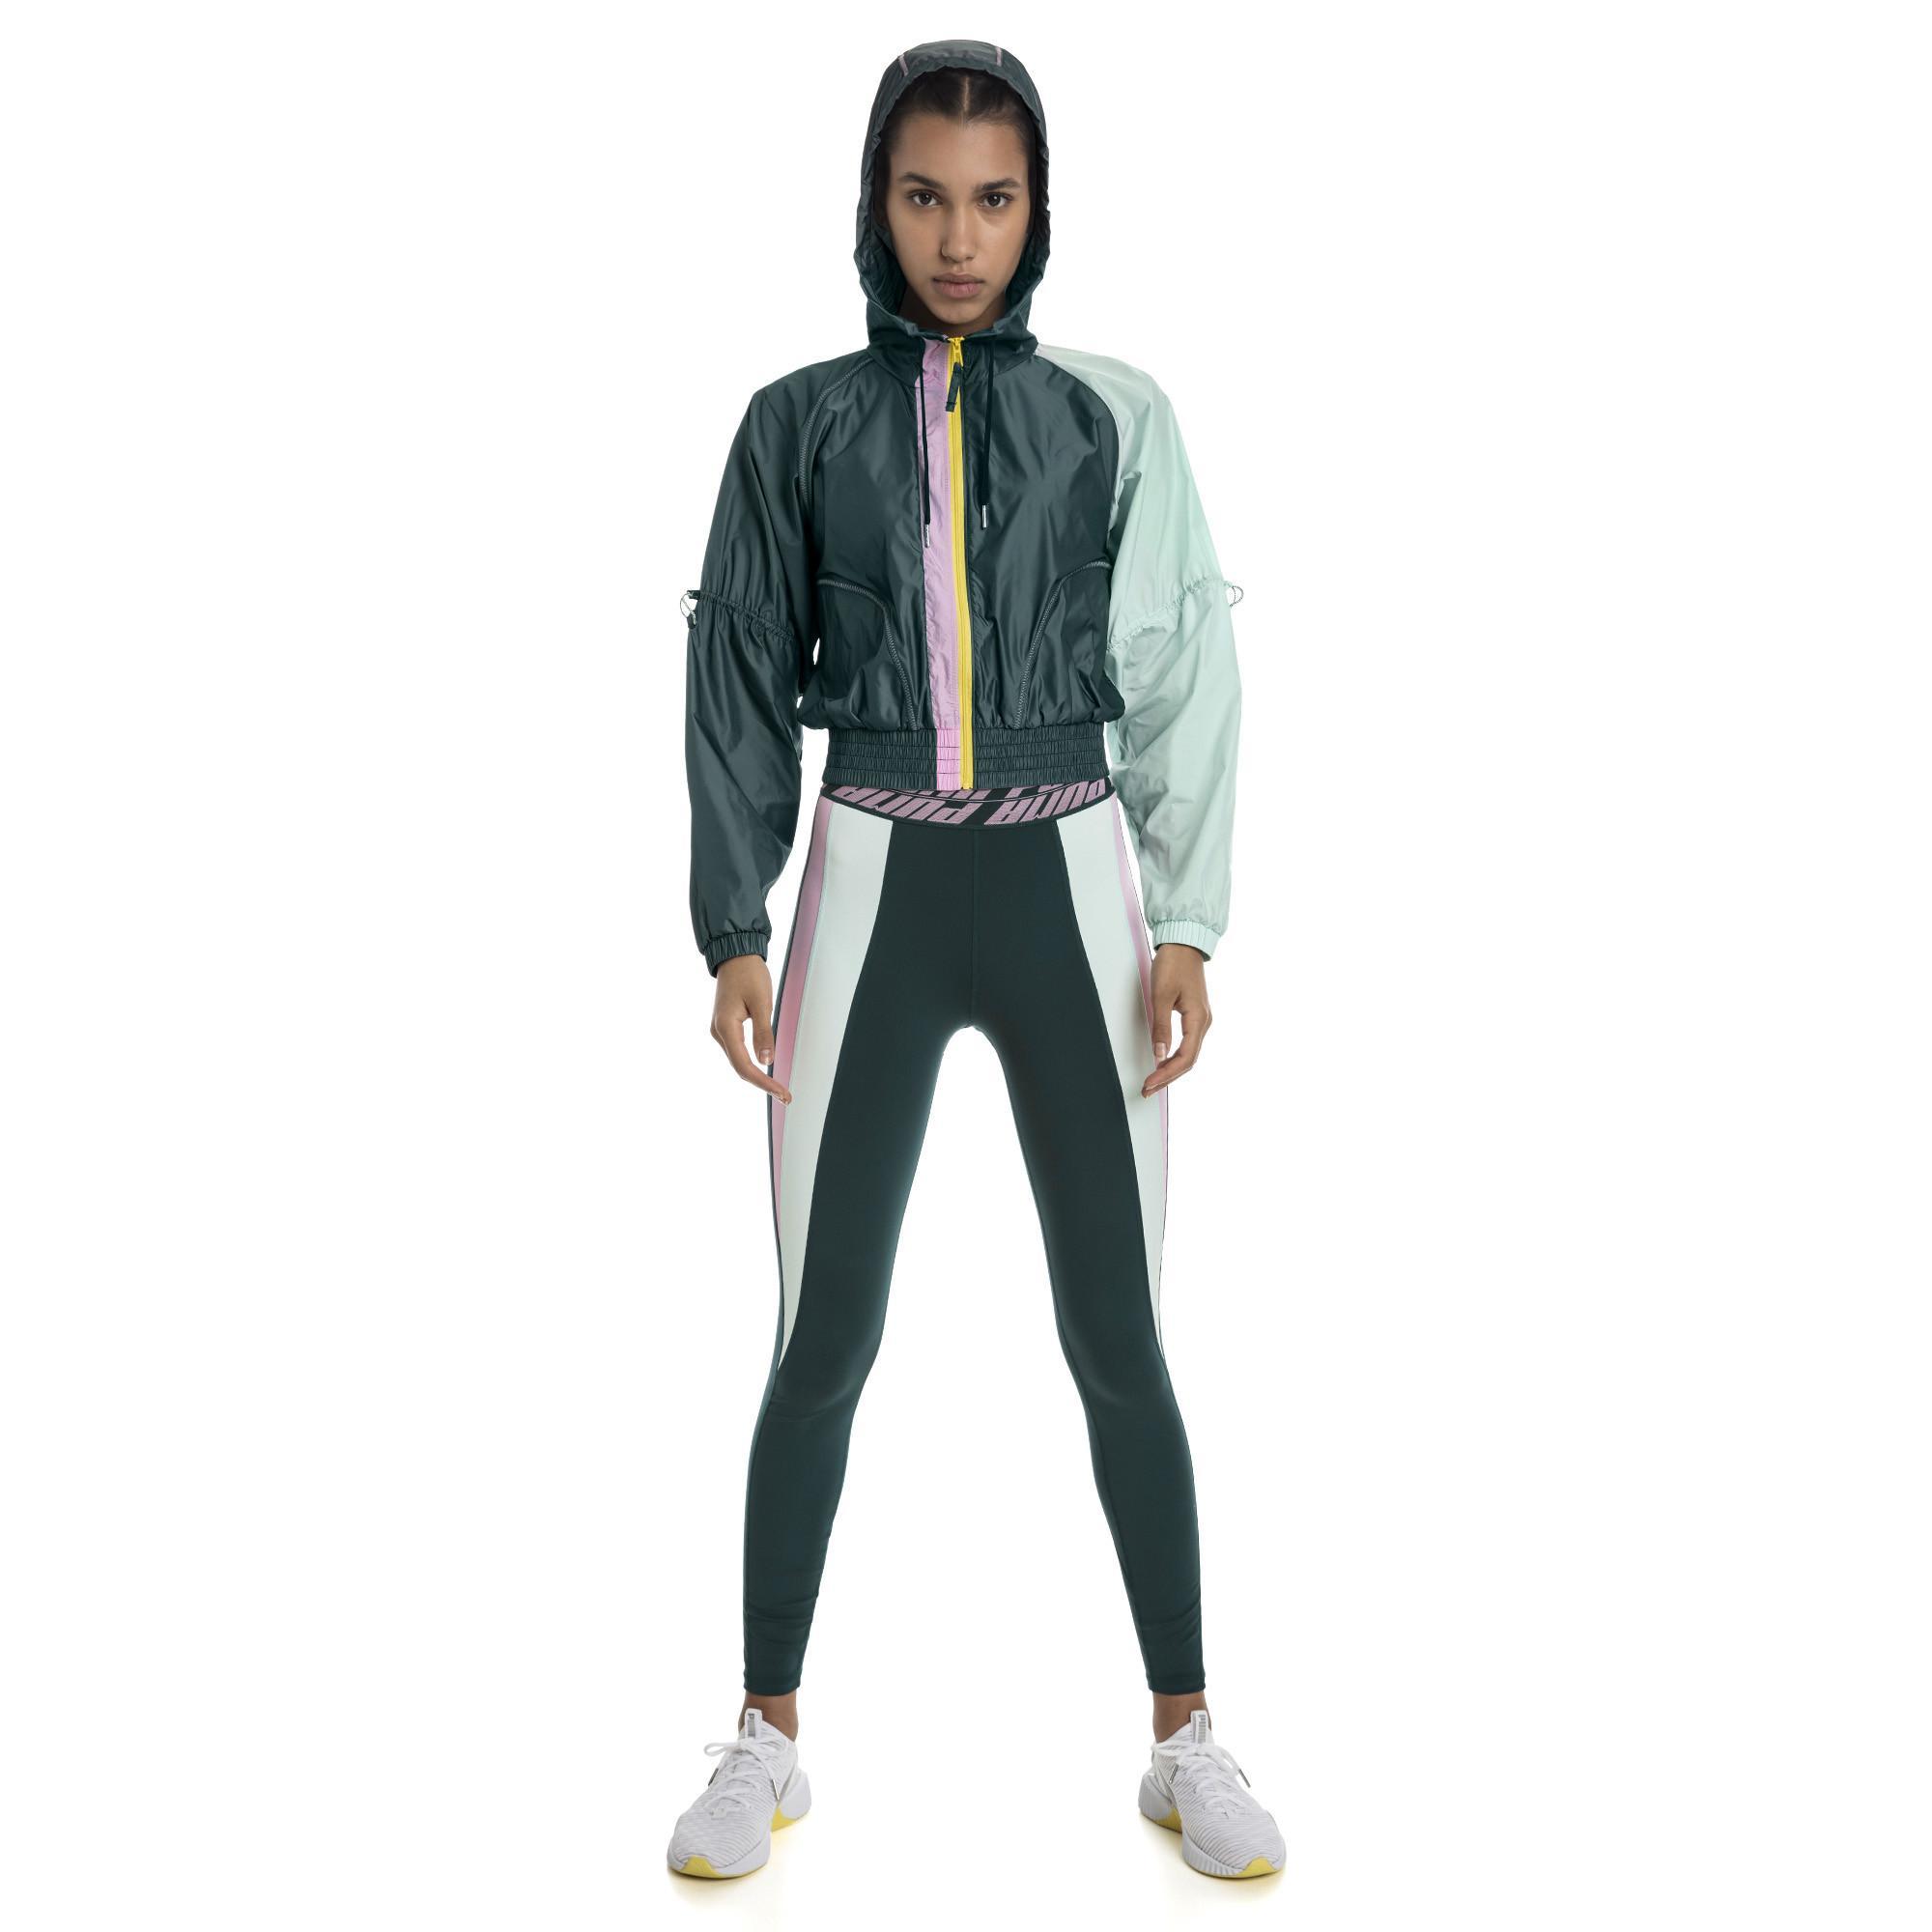 f06c8c1e7a PUMA Multicolor Cosmic Trailblazer Women's Jacket